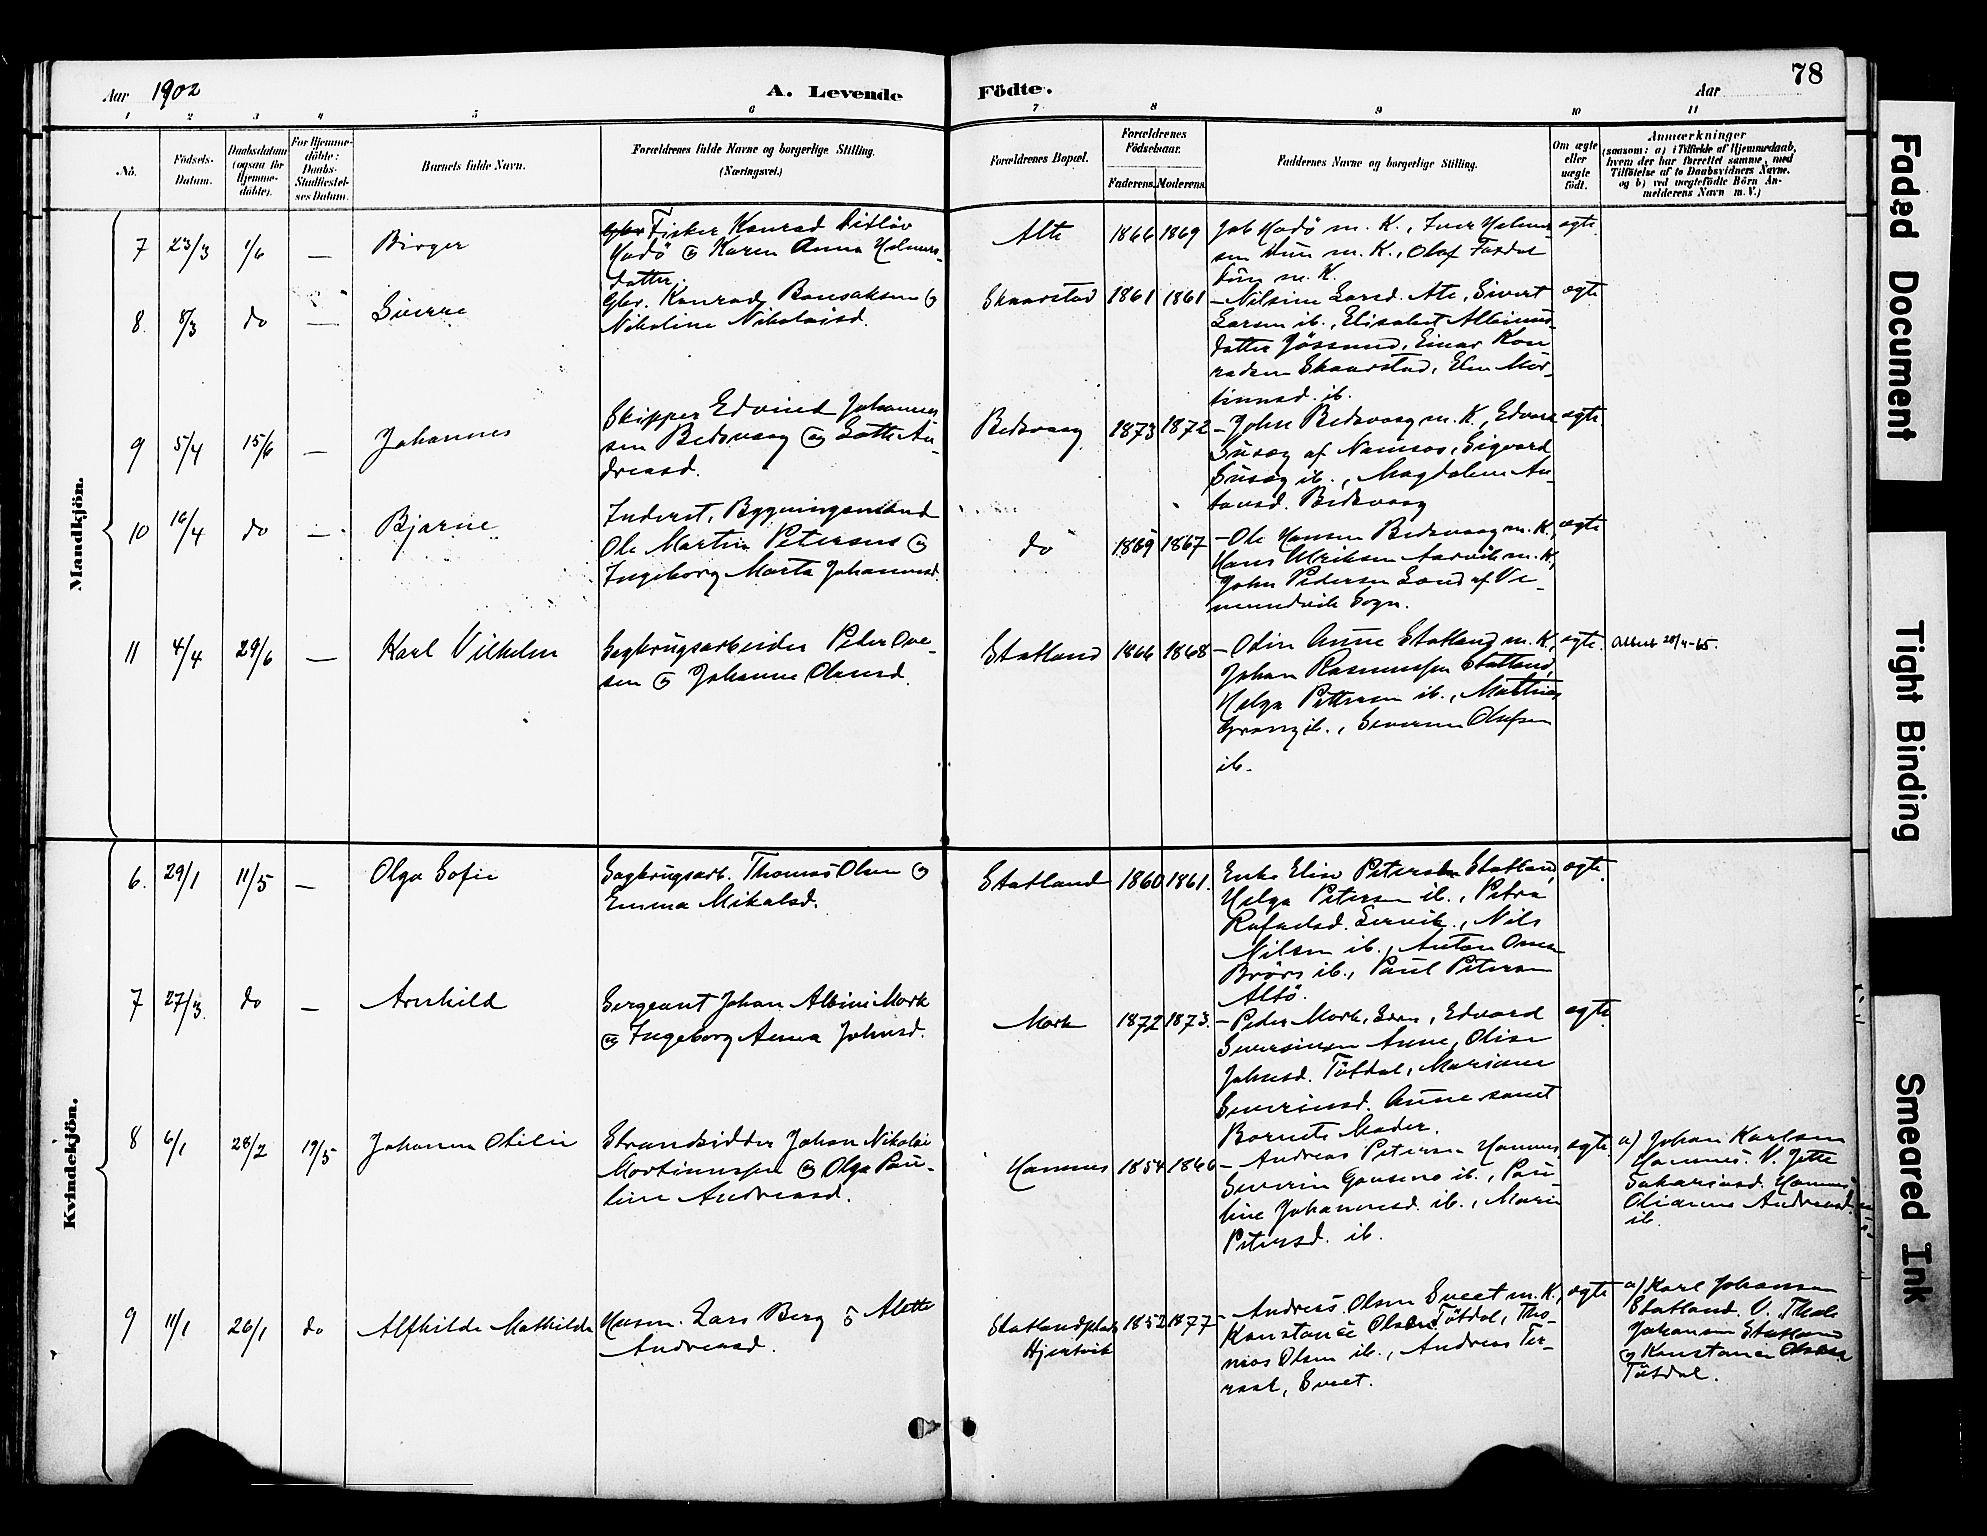 SAT, Ministerialprotokoller, klokkerbøker og fødselsregistre - Nord-Trøndelag, 774/L0628: Ministerialbok nr. 774A02, 1887-1903, s. 78